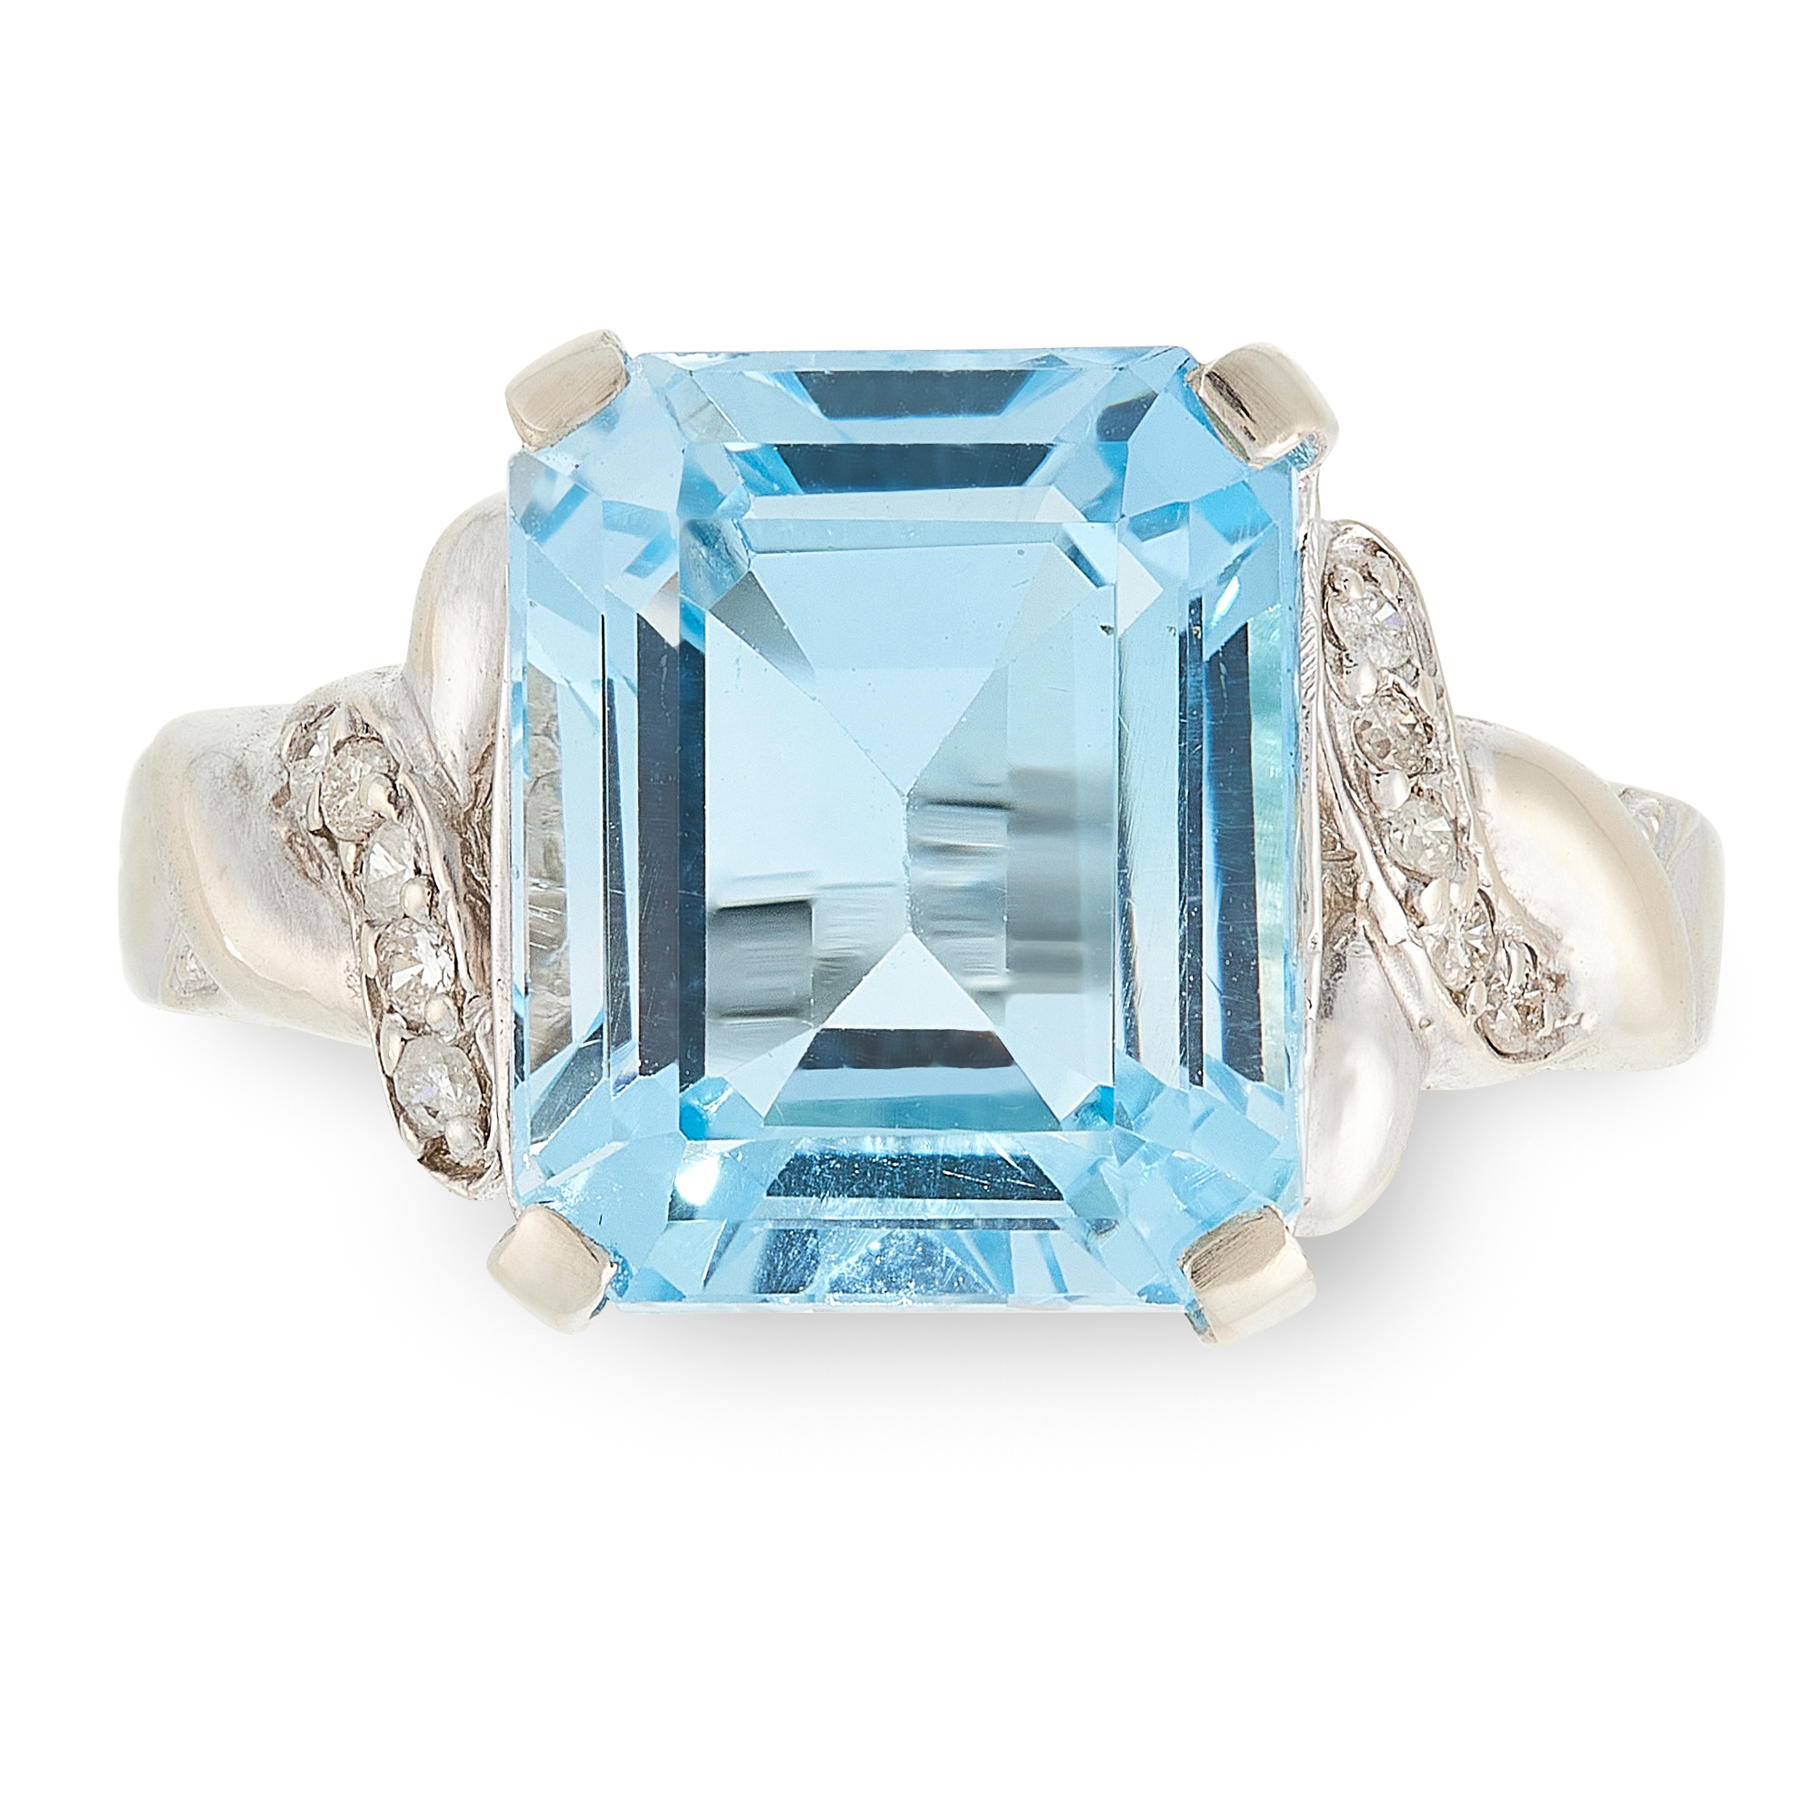 AN AQUAMARINE AND DIAMOND RING set with an rectangular step cut aquamarine of 8.04 carats between